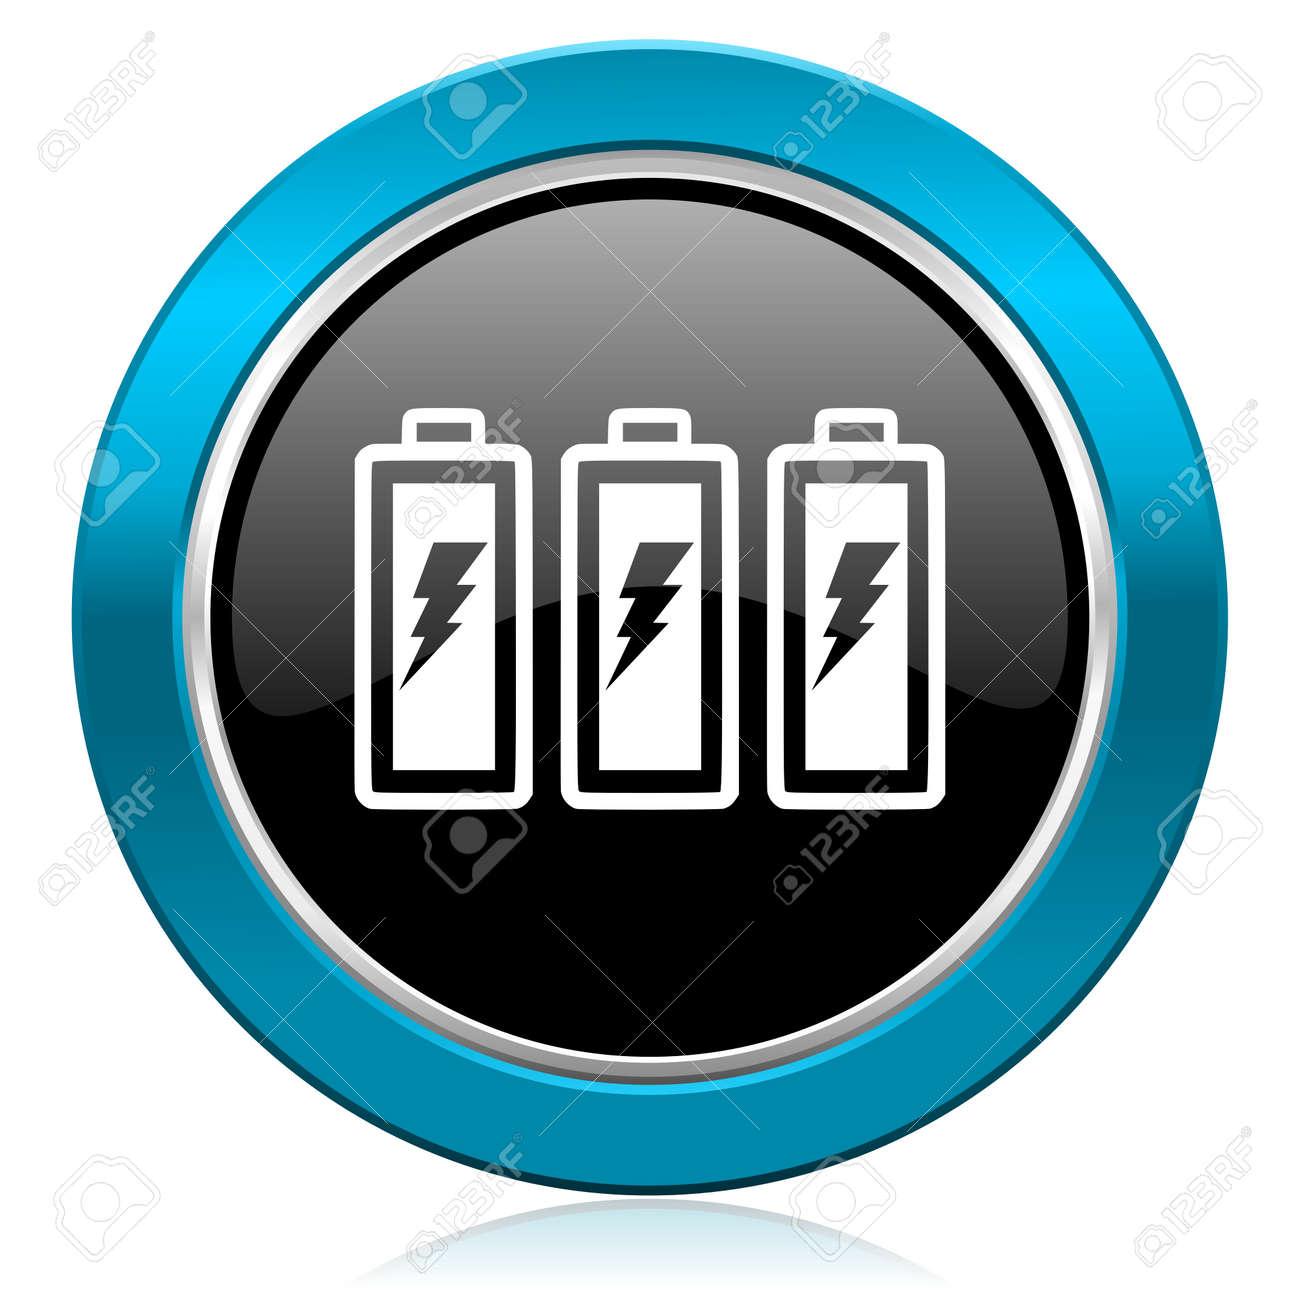 Batterie Glänzend Symbol Strom Zeichen Lizenzfreie Fotos, Bilder Und ...